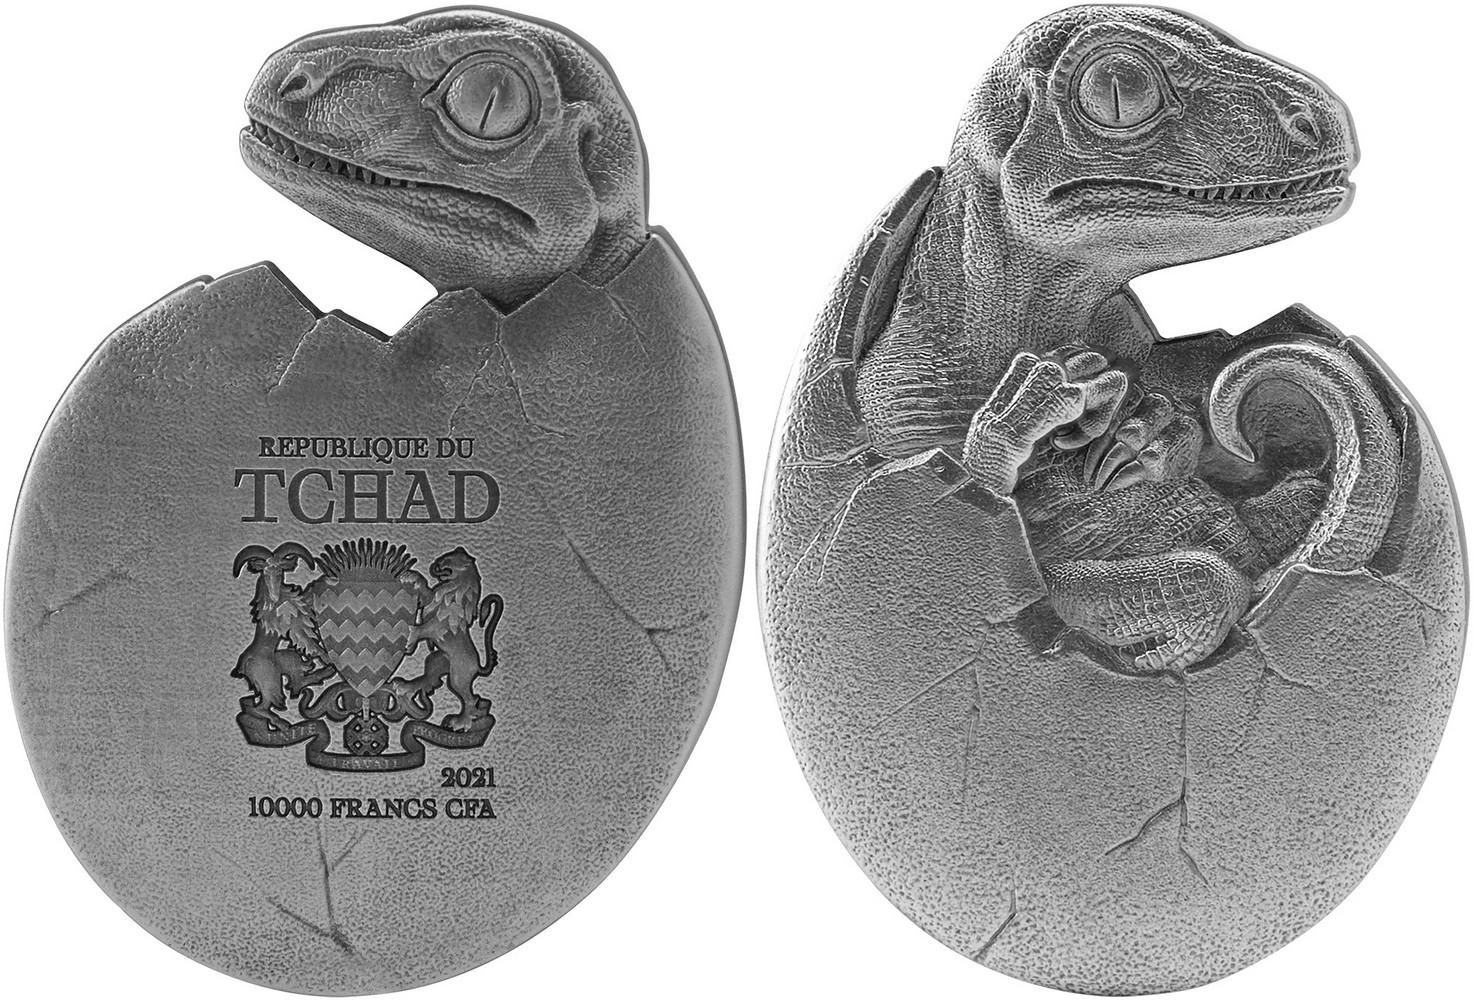 tchad-2021-velociraptor